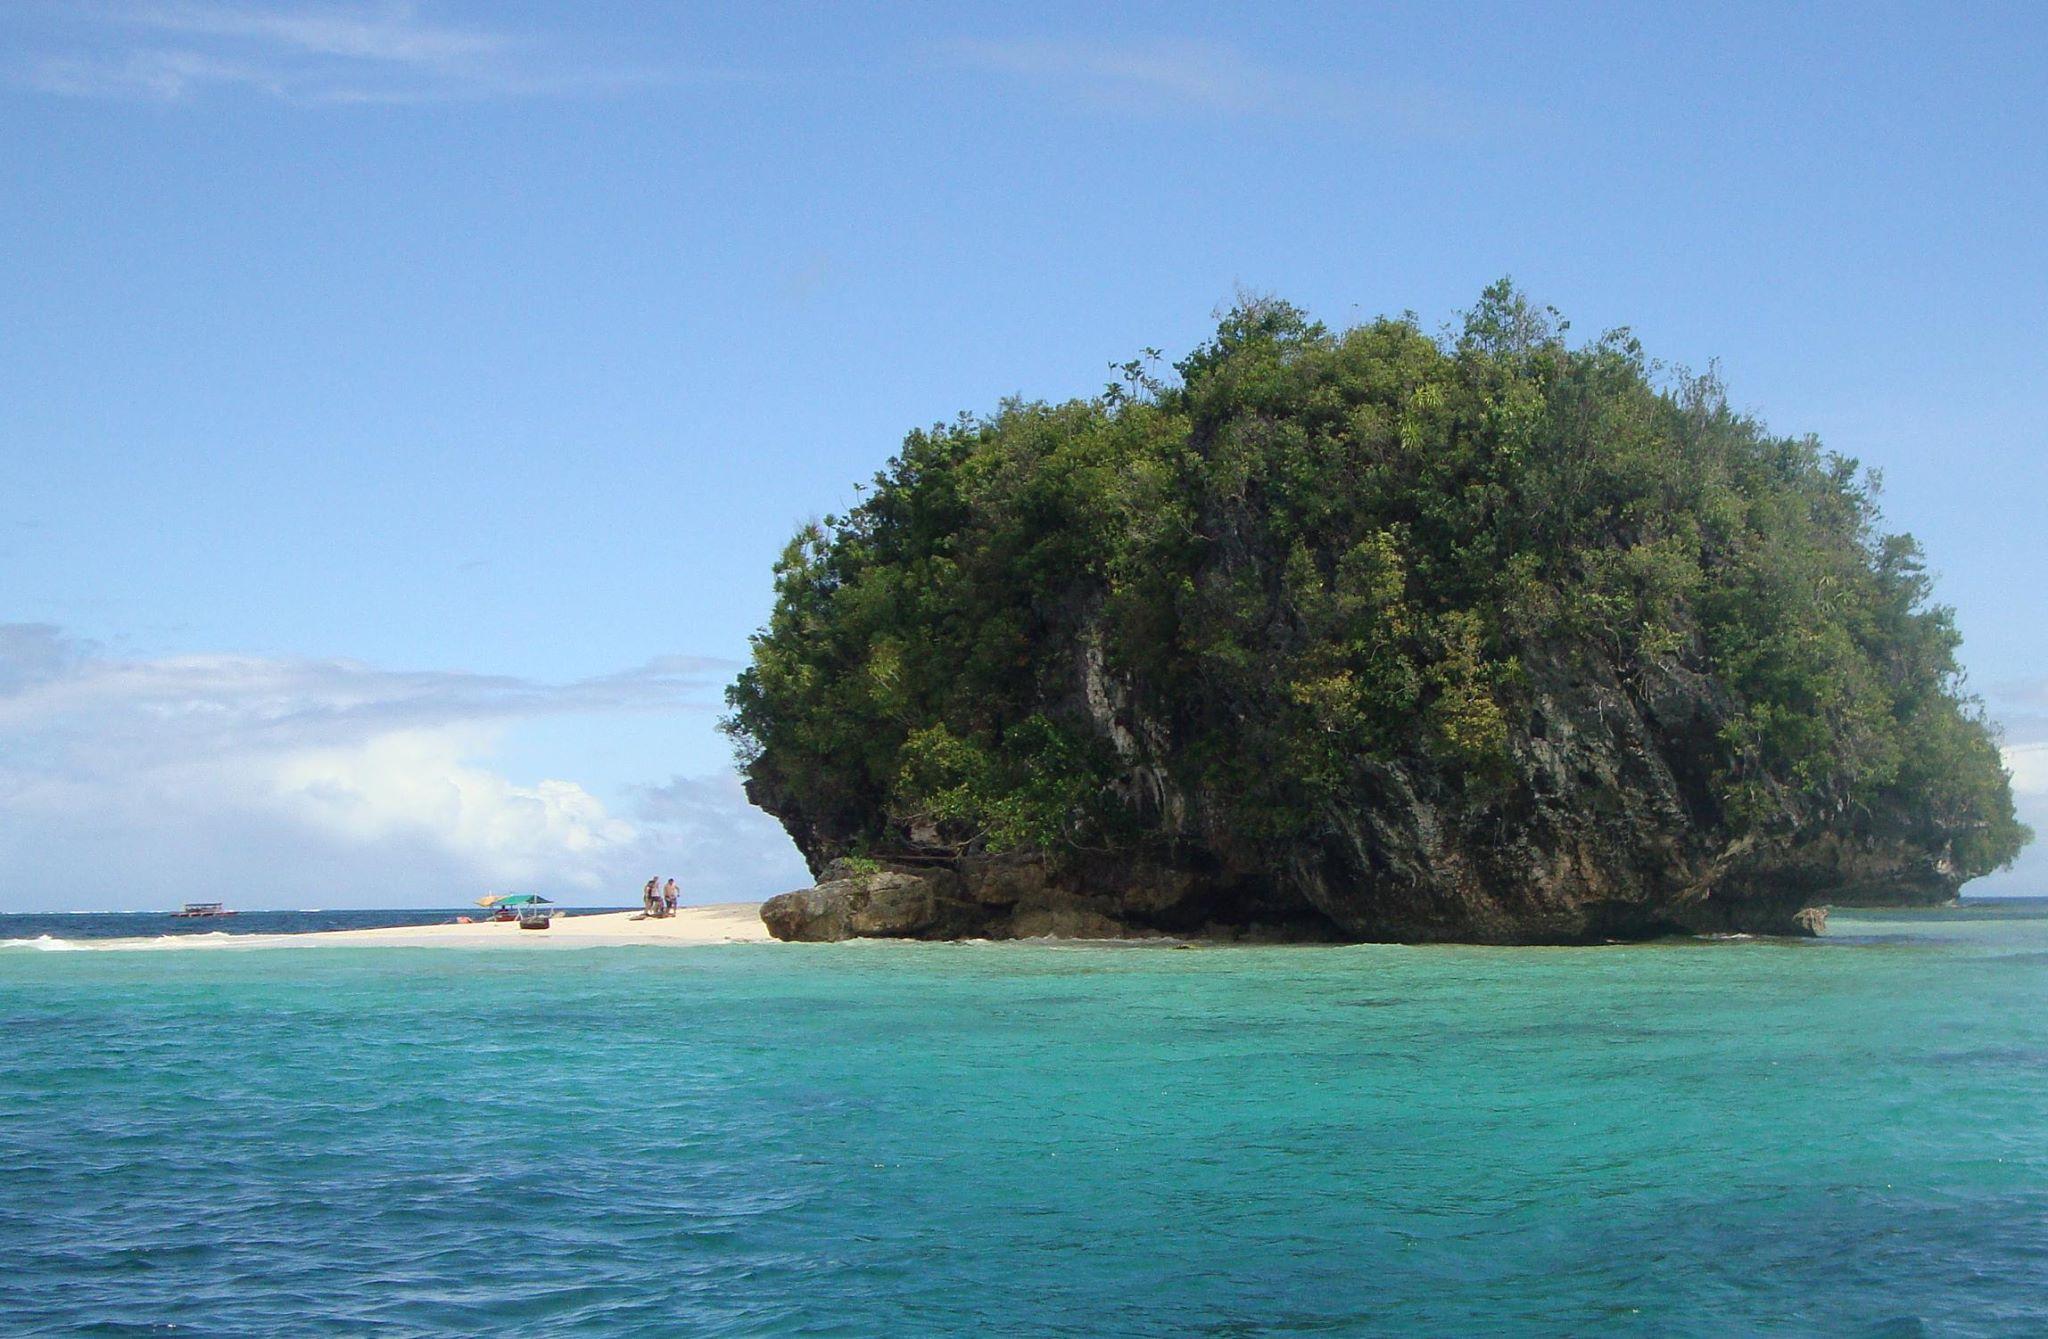 boslon island, britania, surigao del sur